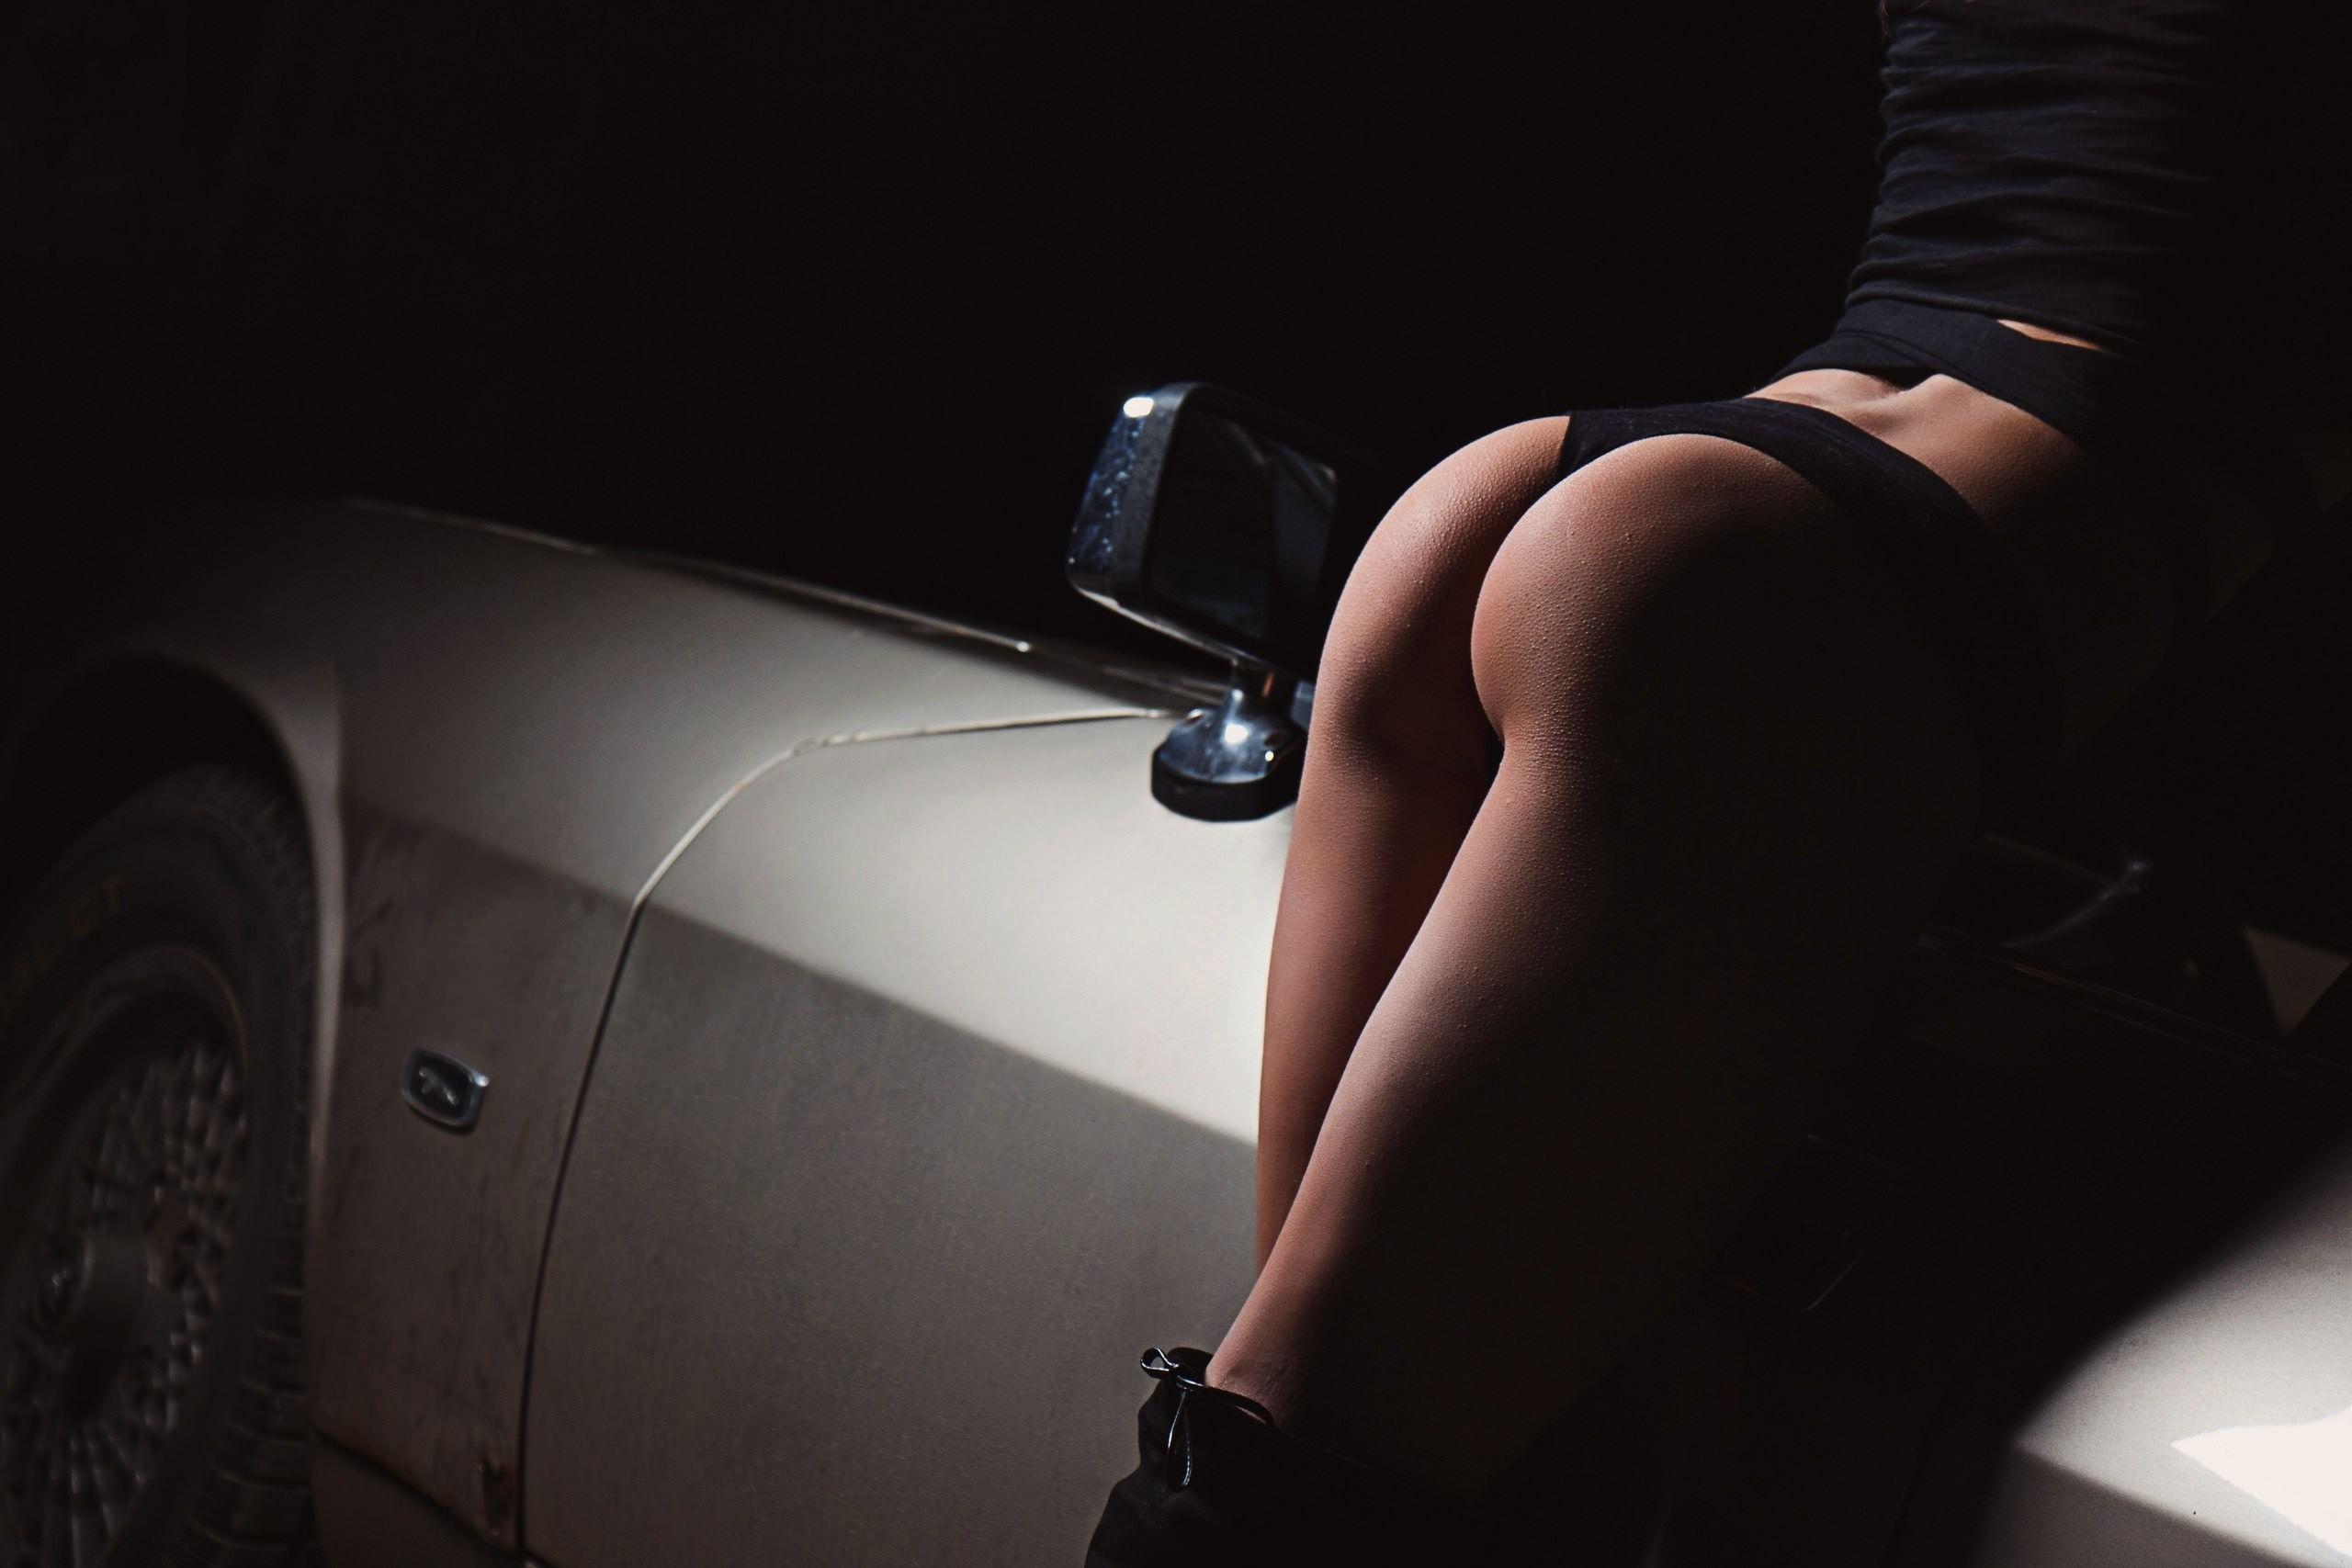 Фото Сексуальная попа в черных трусиках, гольфы, бедра, машина, зеркало, скачать картинку бесплатно